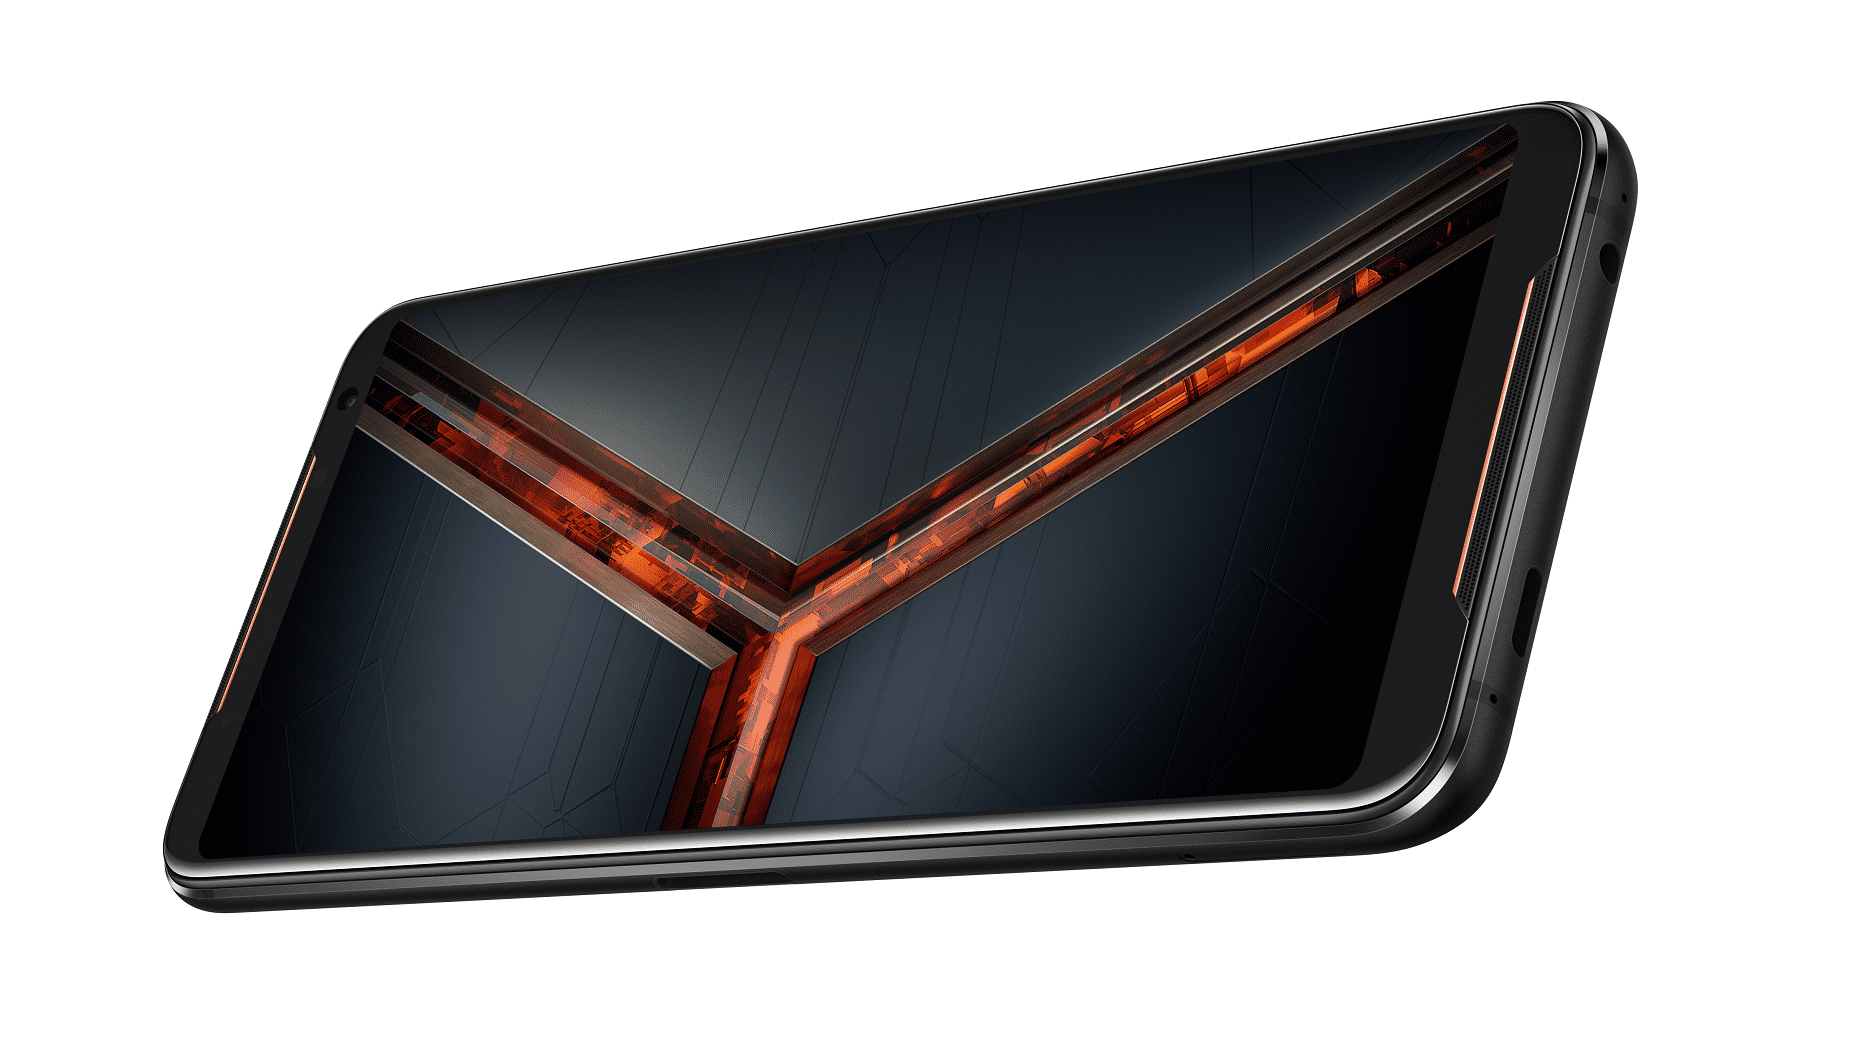 Asus ROG Phone II: Größer, schneller und mit 120-Hertz-Display